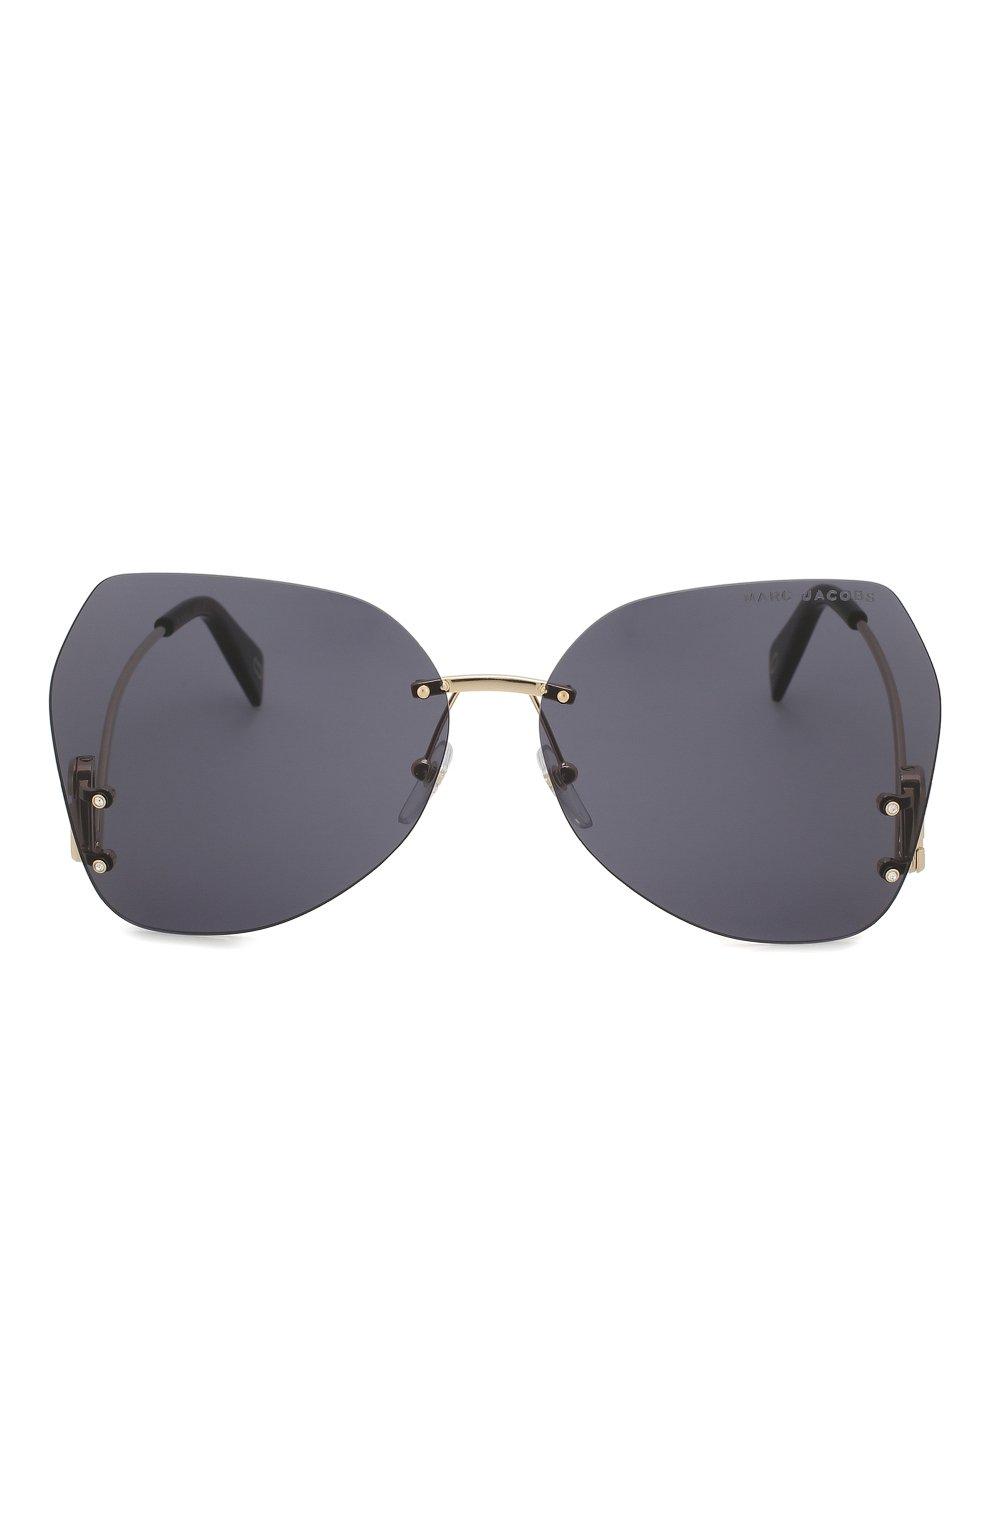 Женские солнцезащитные очки MARC JACOBS (THE) серого цвета, арт. MARC 373 807   Фото 3